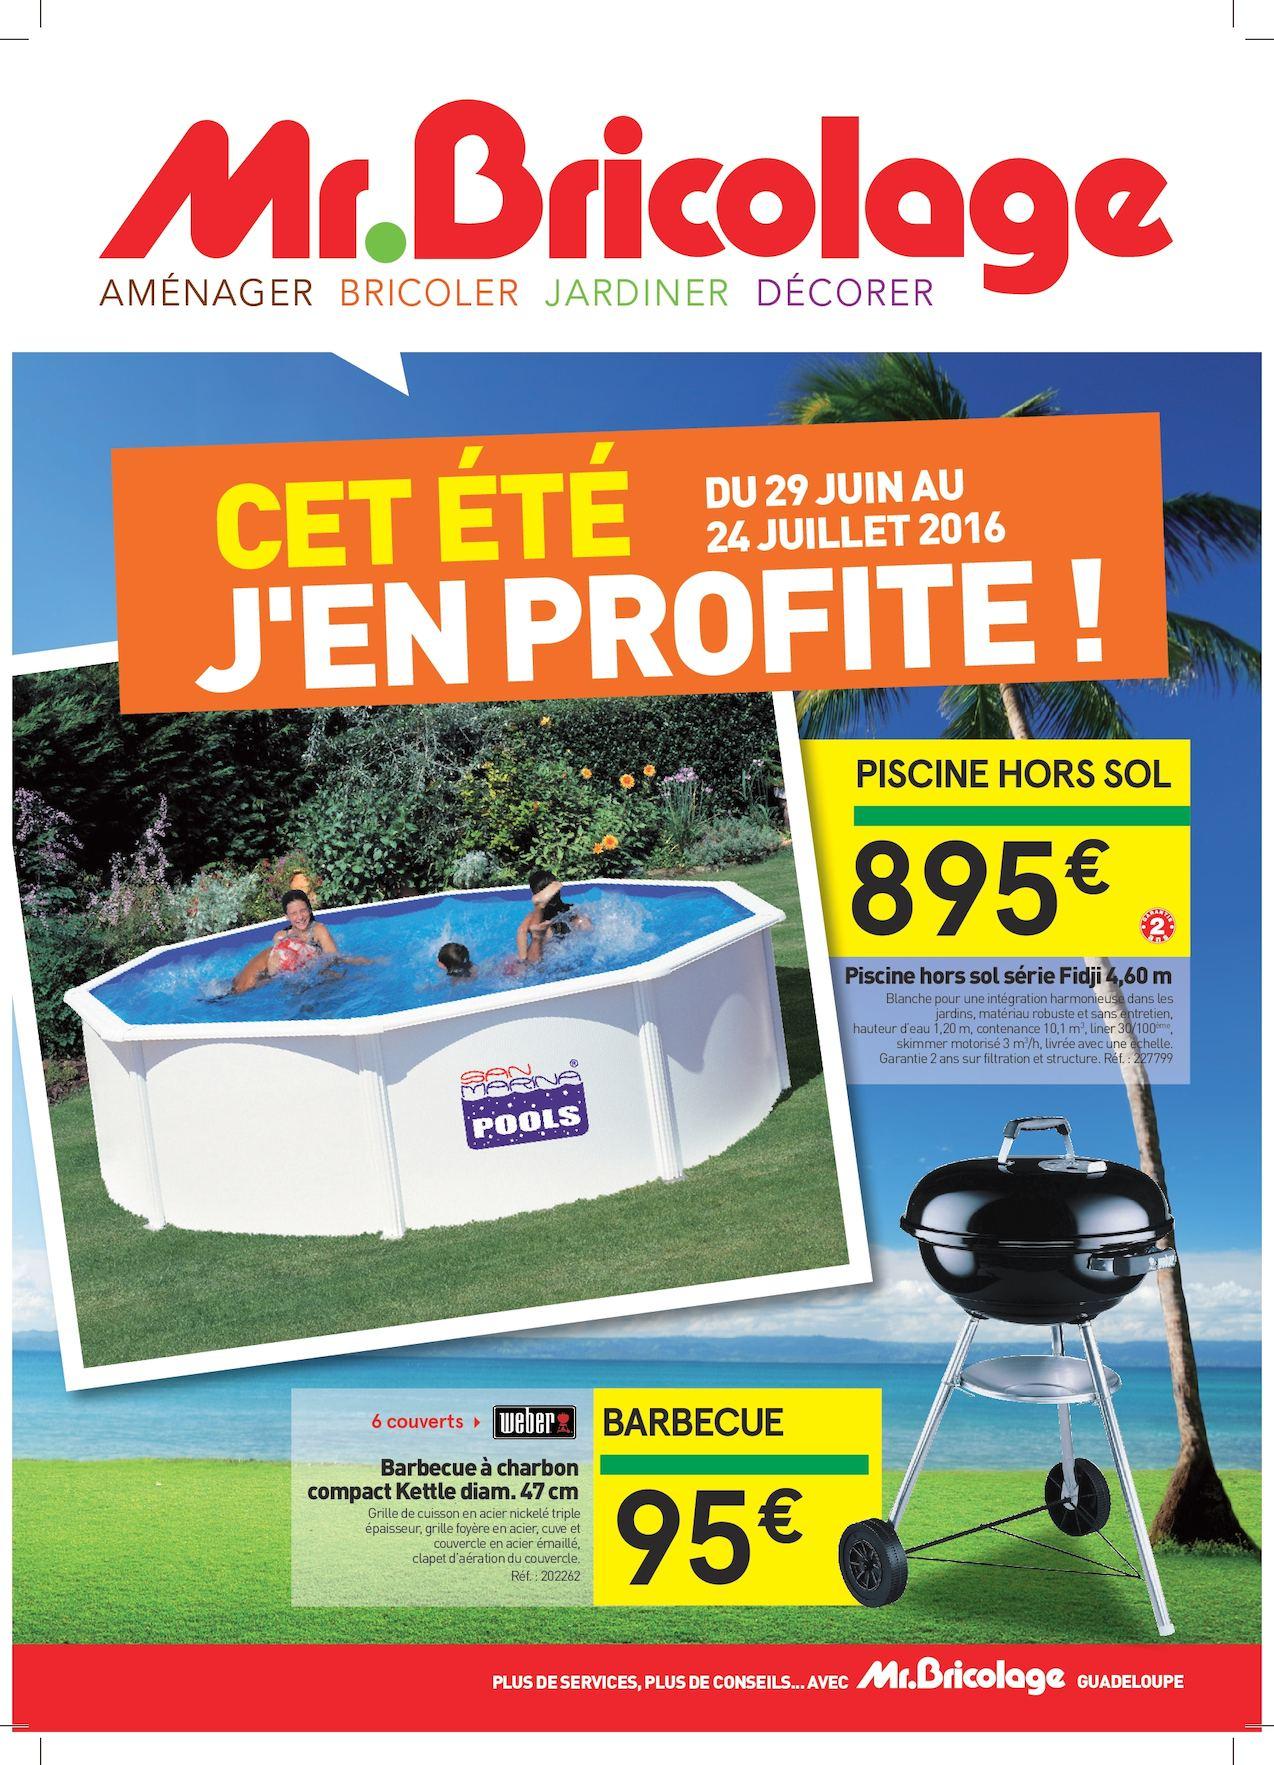 Calaméo - Mr Bricolage - C'est Les Vacances, J'en Profites ! encequiconcerne Mr Bricolage Piscine